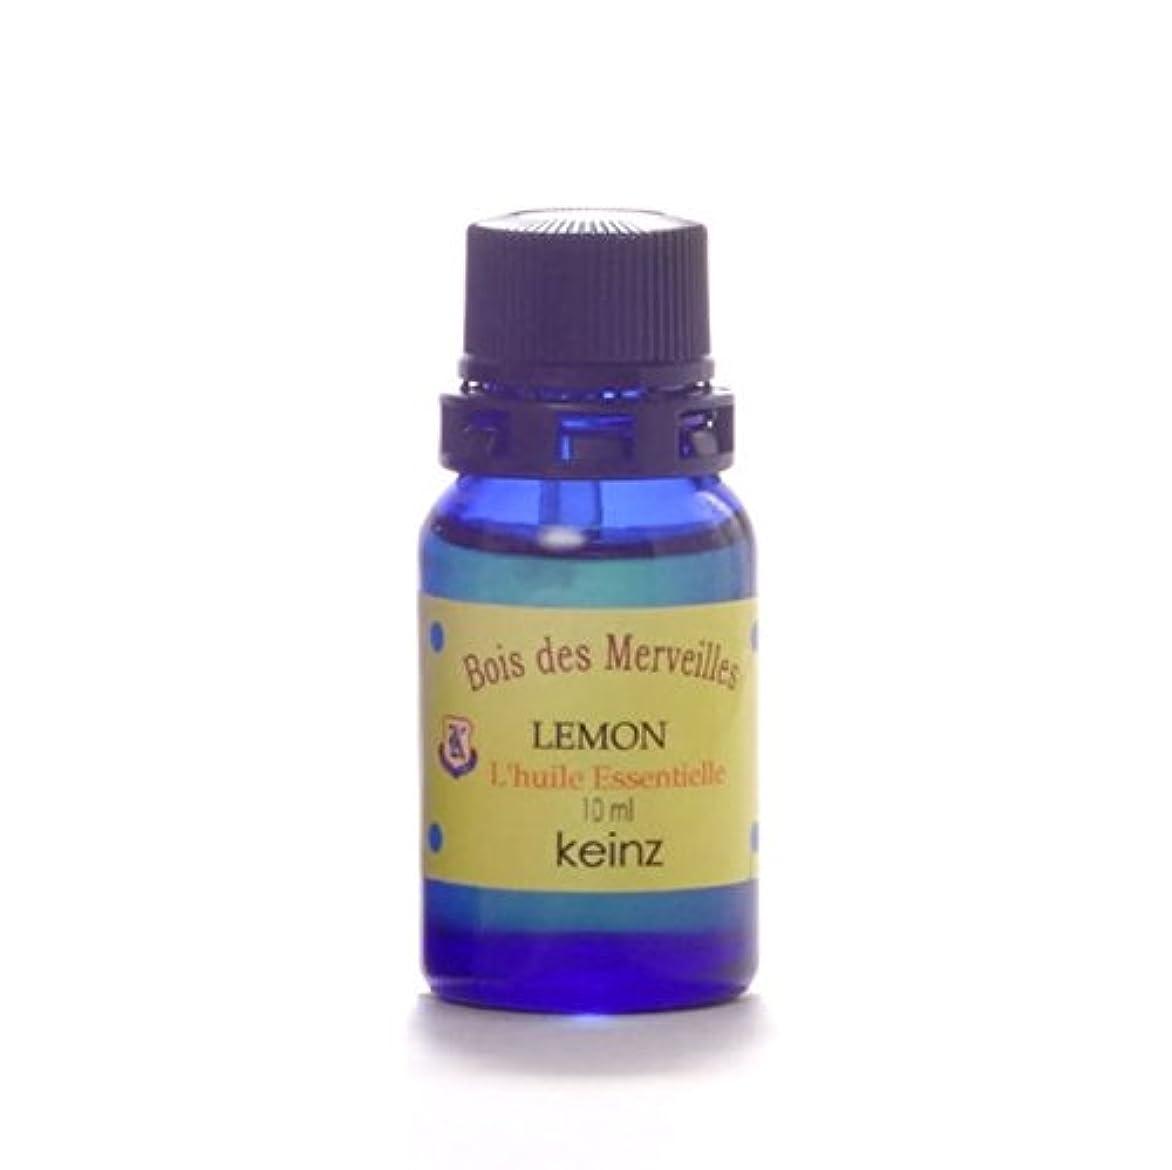 本ライム定義keinzエッセンシャルオイル「レモン10ml」ケインズ正規品 製造国アメリカ 冷圧搾法 完全無添加精油 人工香料は使っていません。【送料無料】